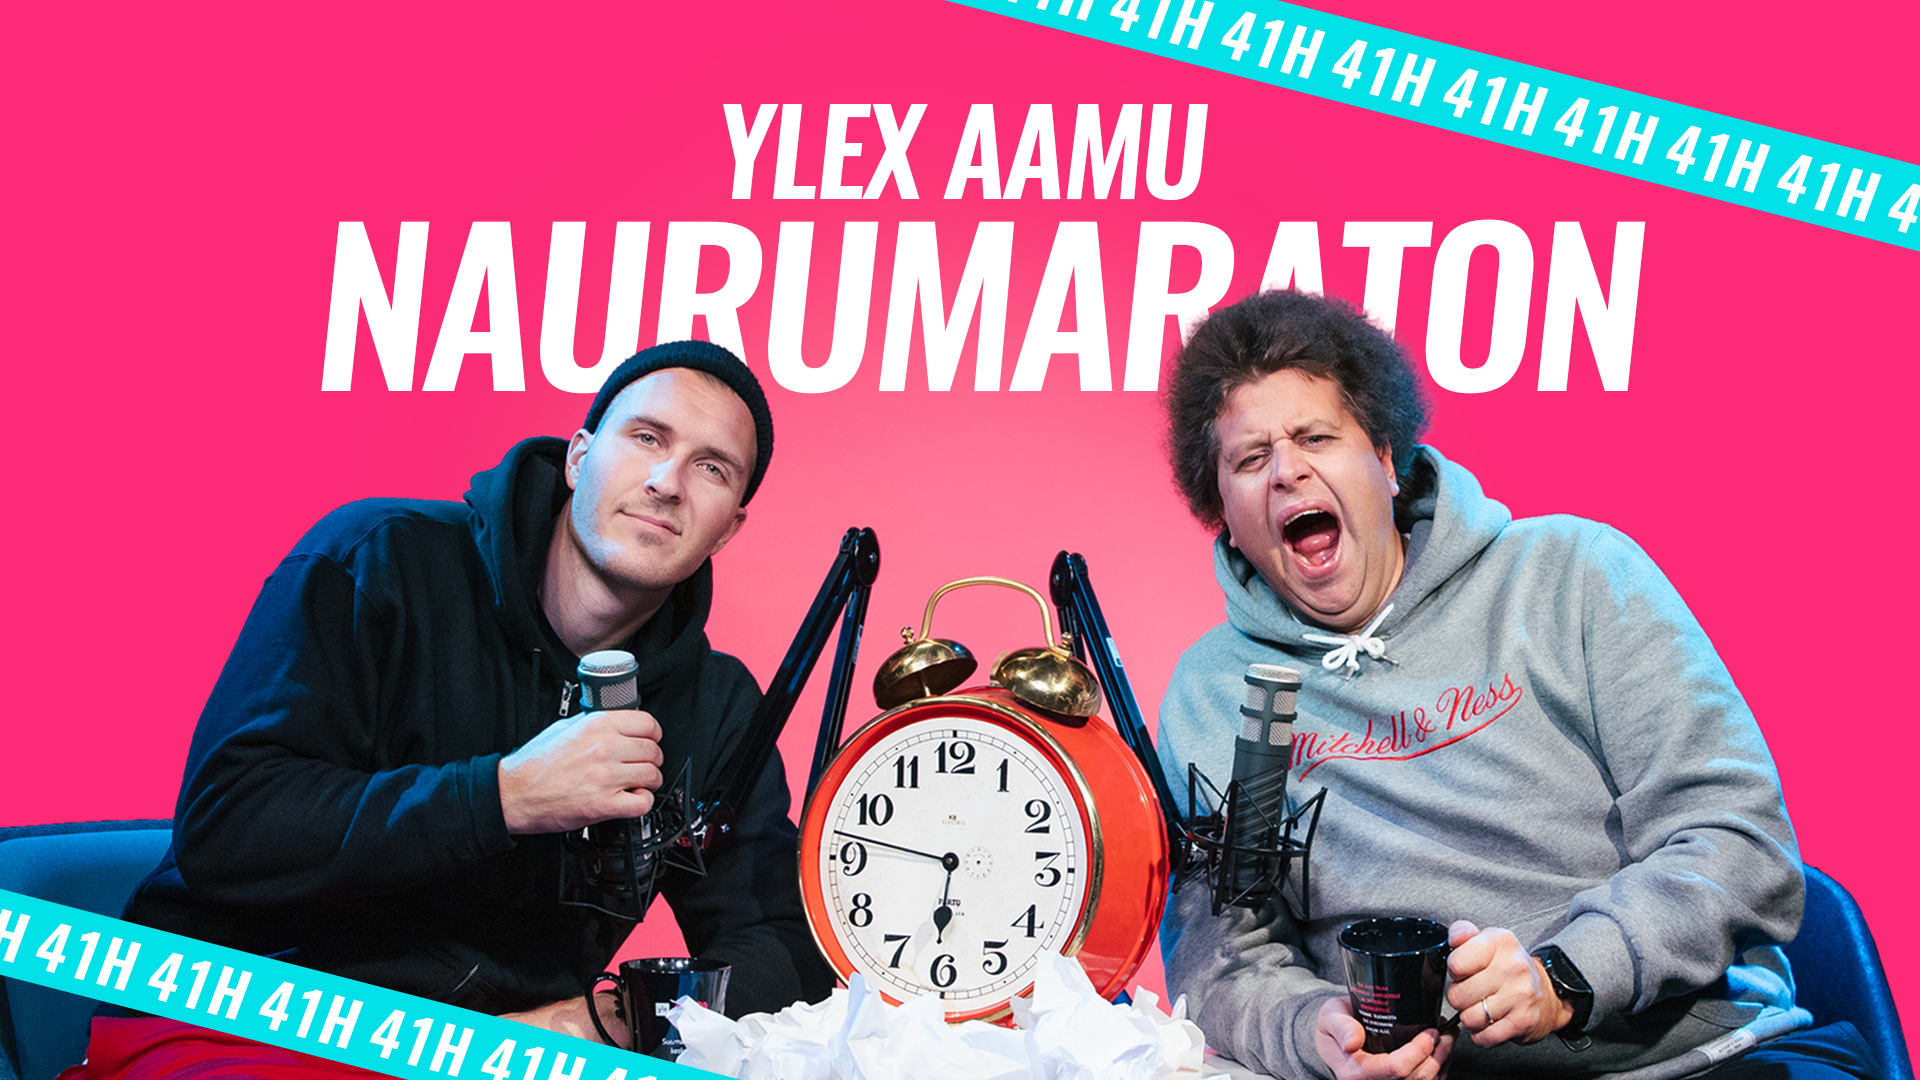 Ylex Naurumaraton Live